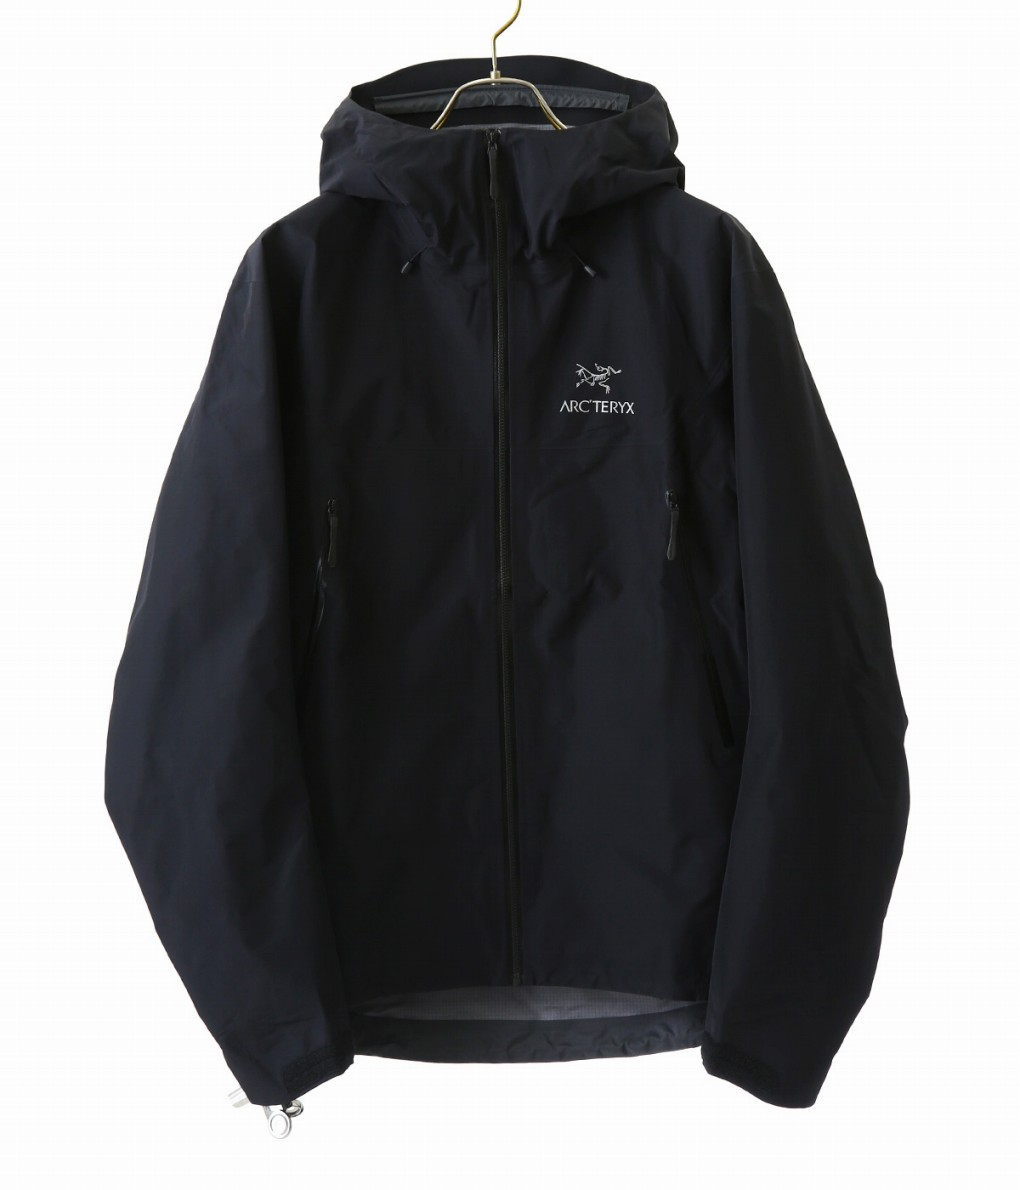 【国内正規品】ARC'TERYX / アークテリクス : 【メンズ】Beta LT Jacket Men's (TRIM FIT) -Black- (S~XLサイズ) : ジャケット ベータlt メンズ トリムフィット アウター ブルゾン 軽量 耐久 耐水性 : L06918100 【STD】